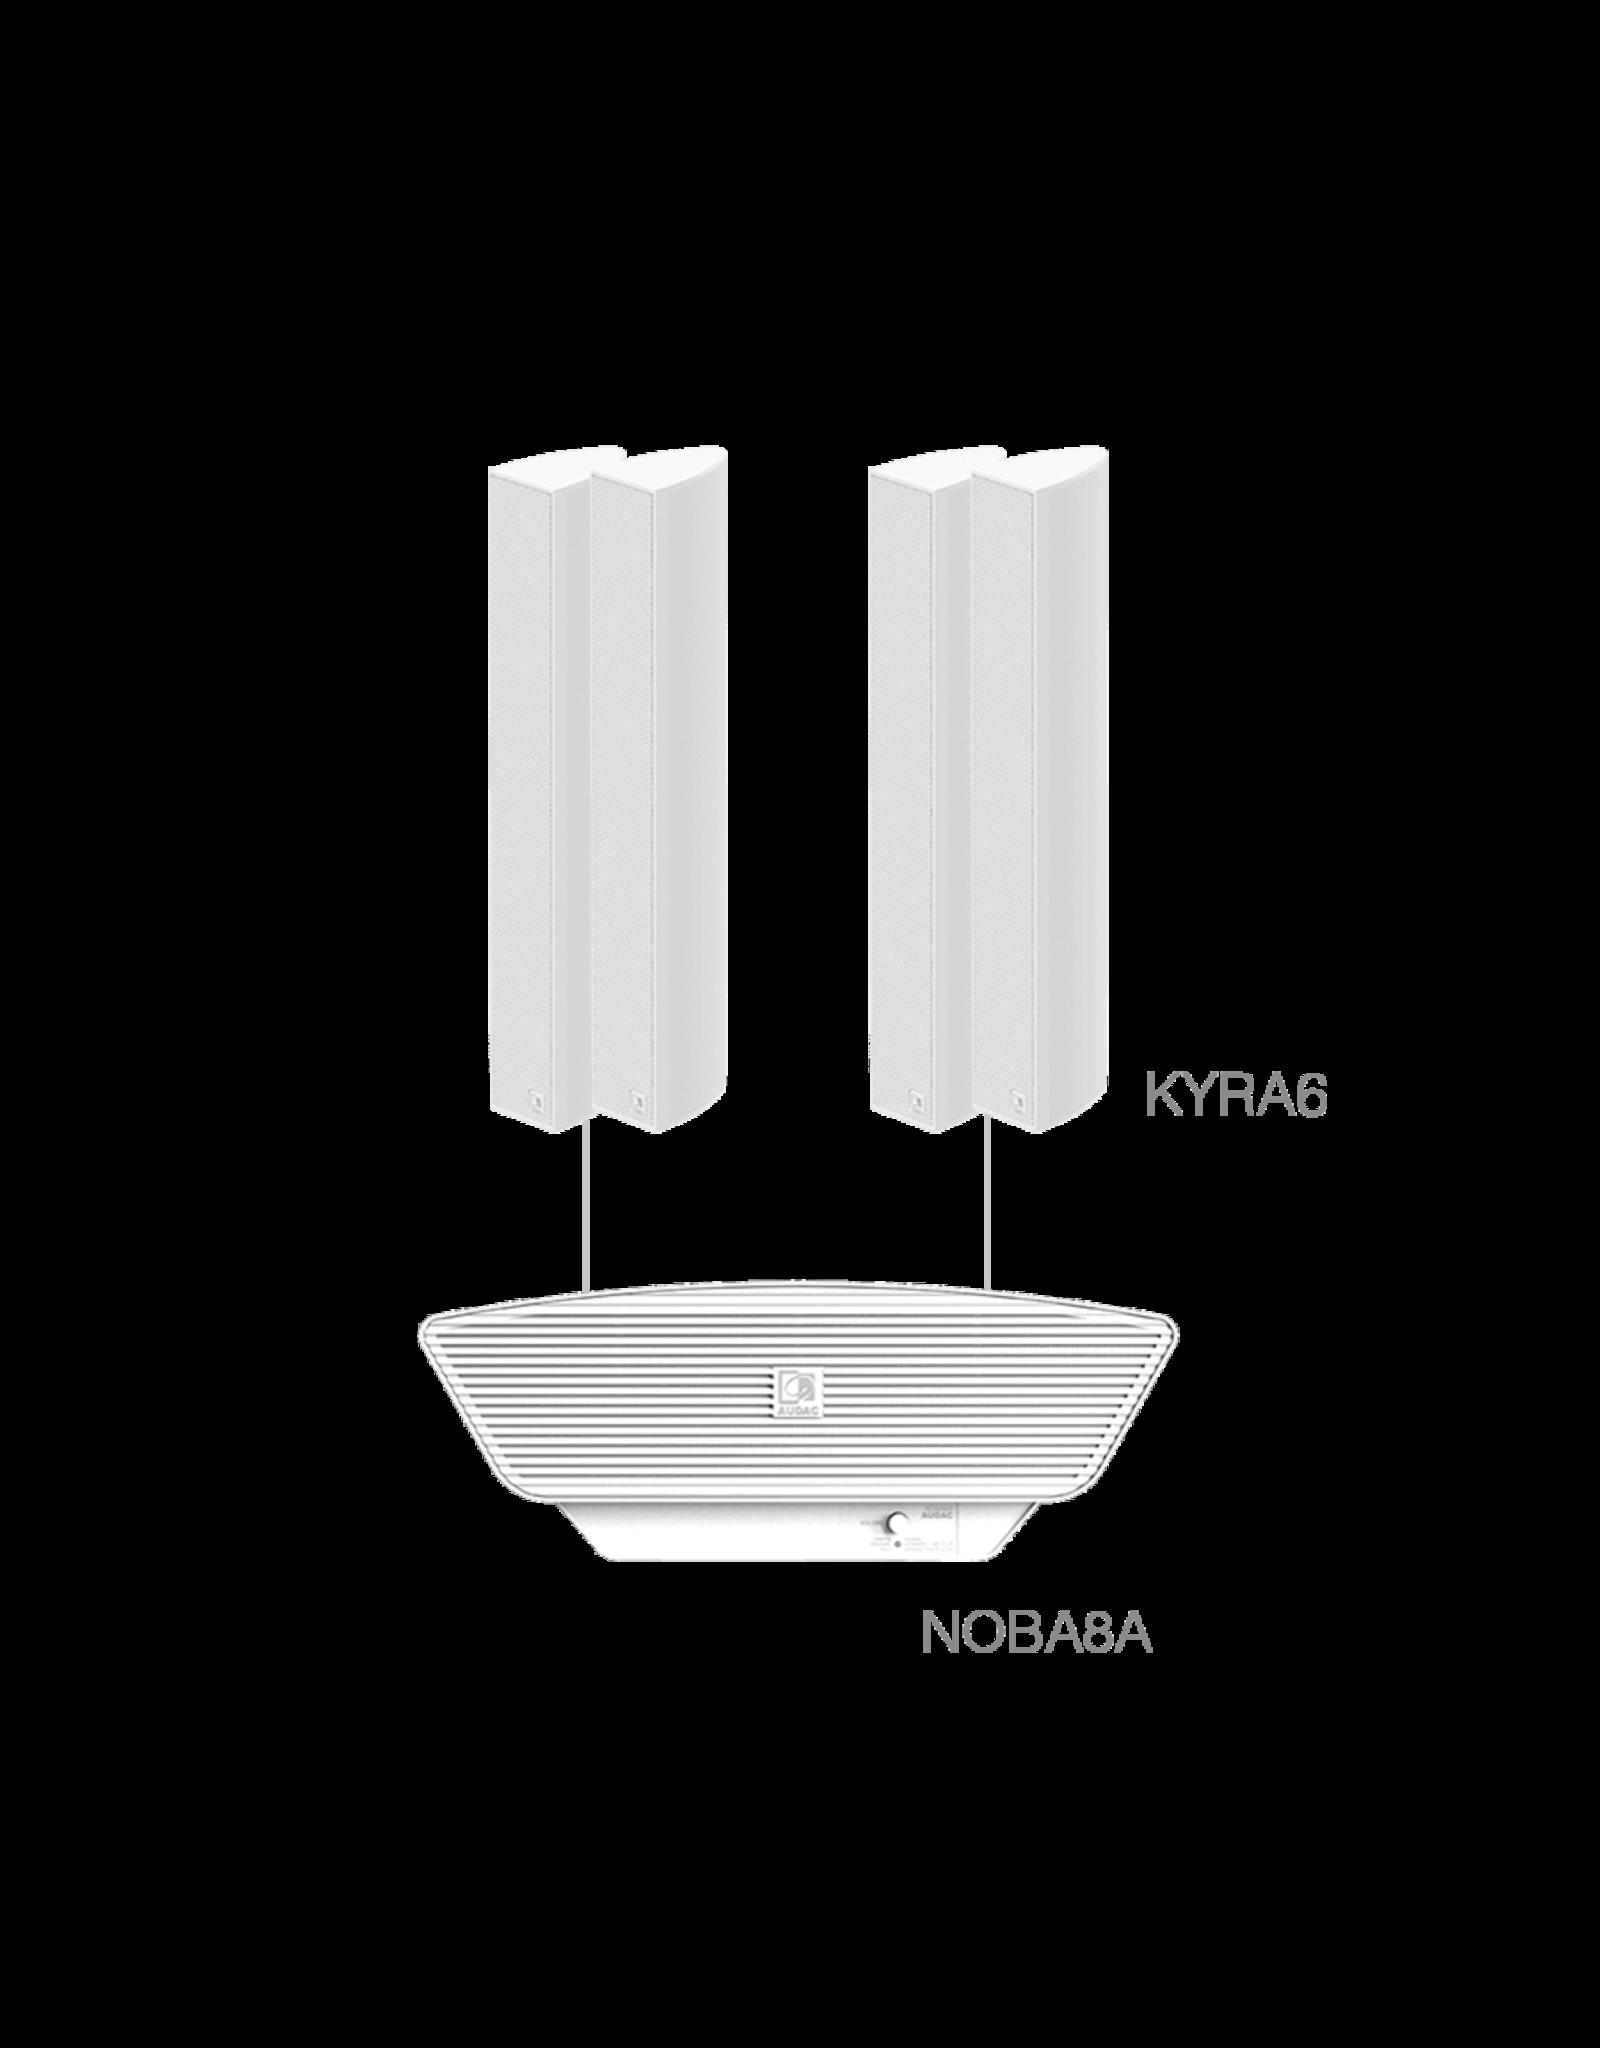 Audac 4 x KYRA6 + NOBA8A White